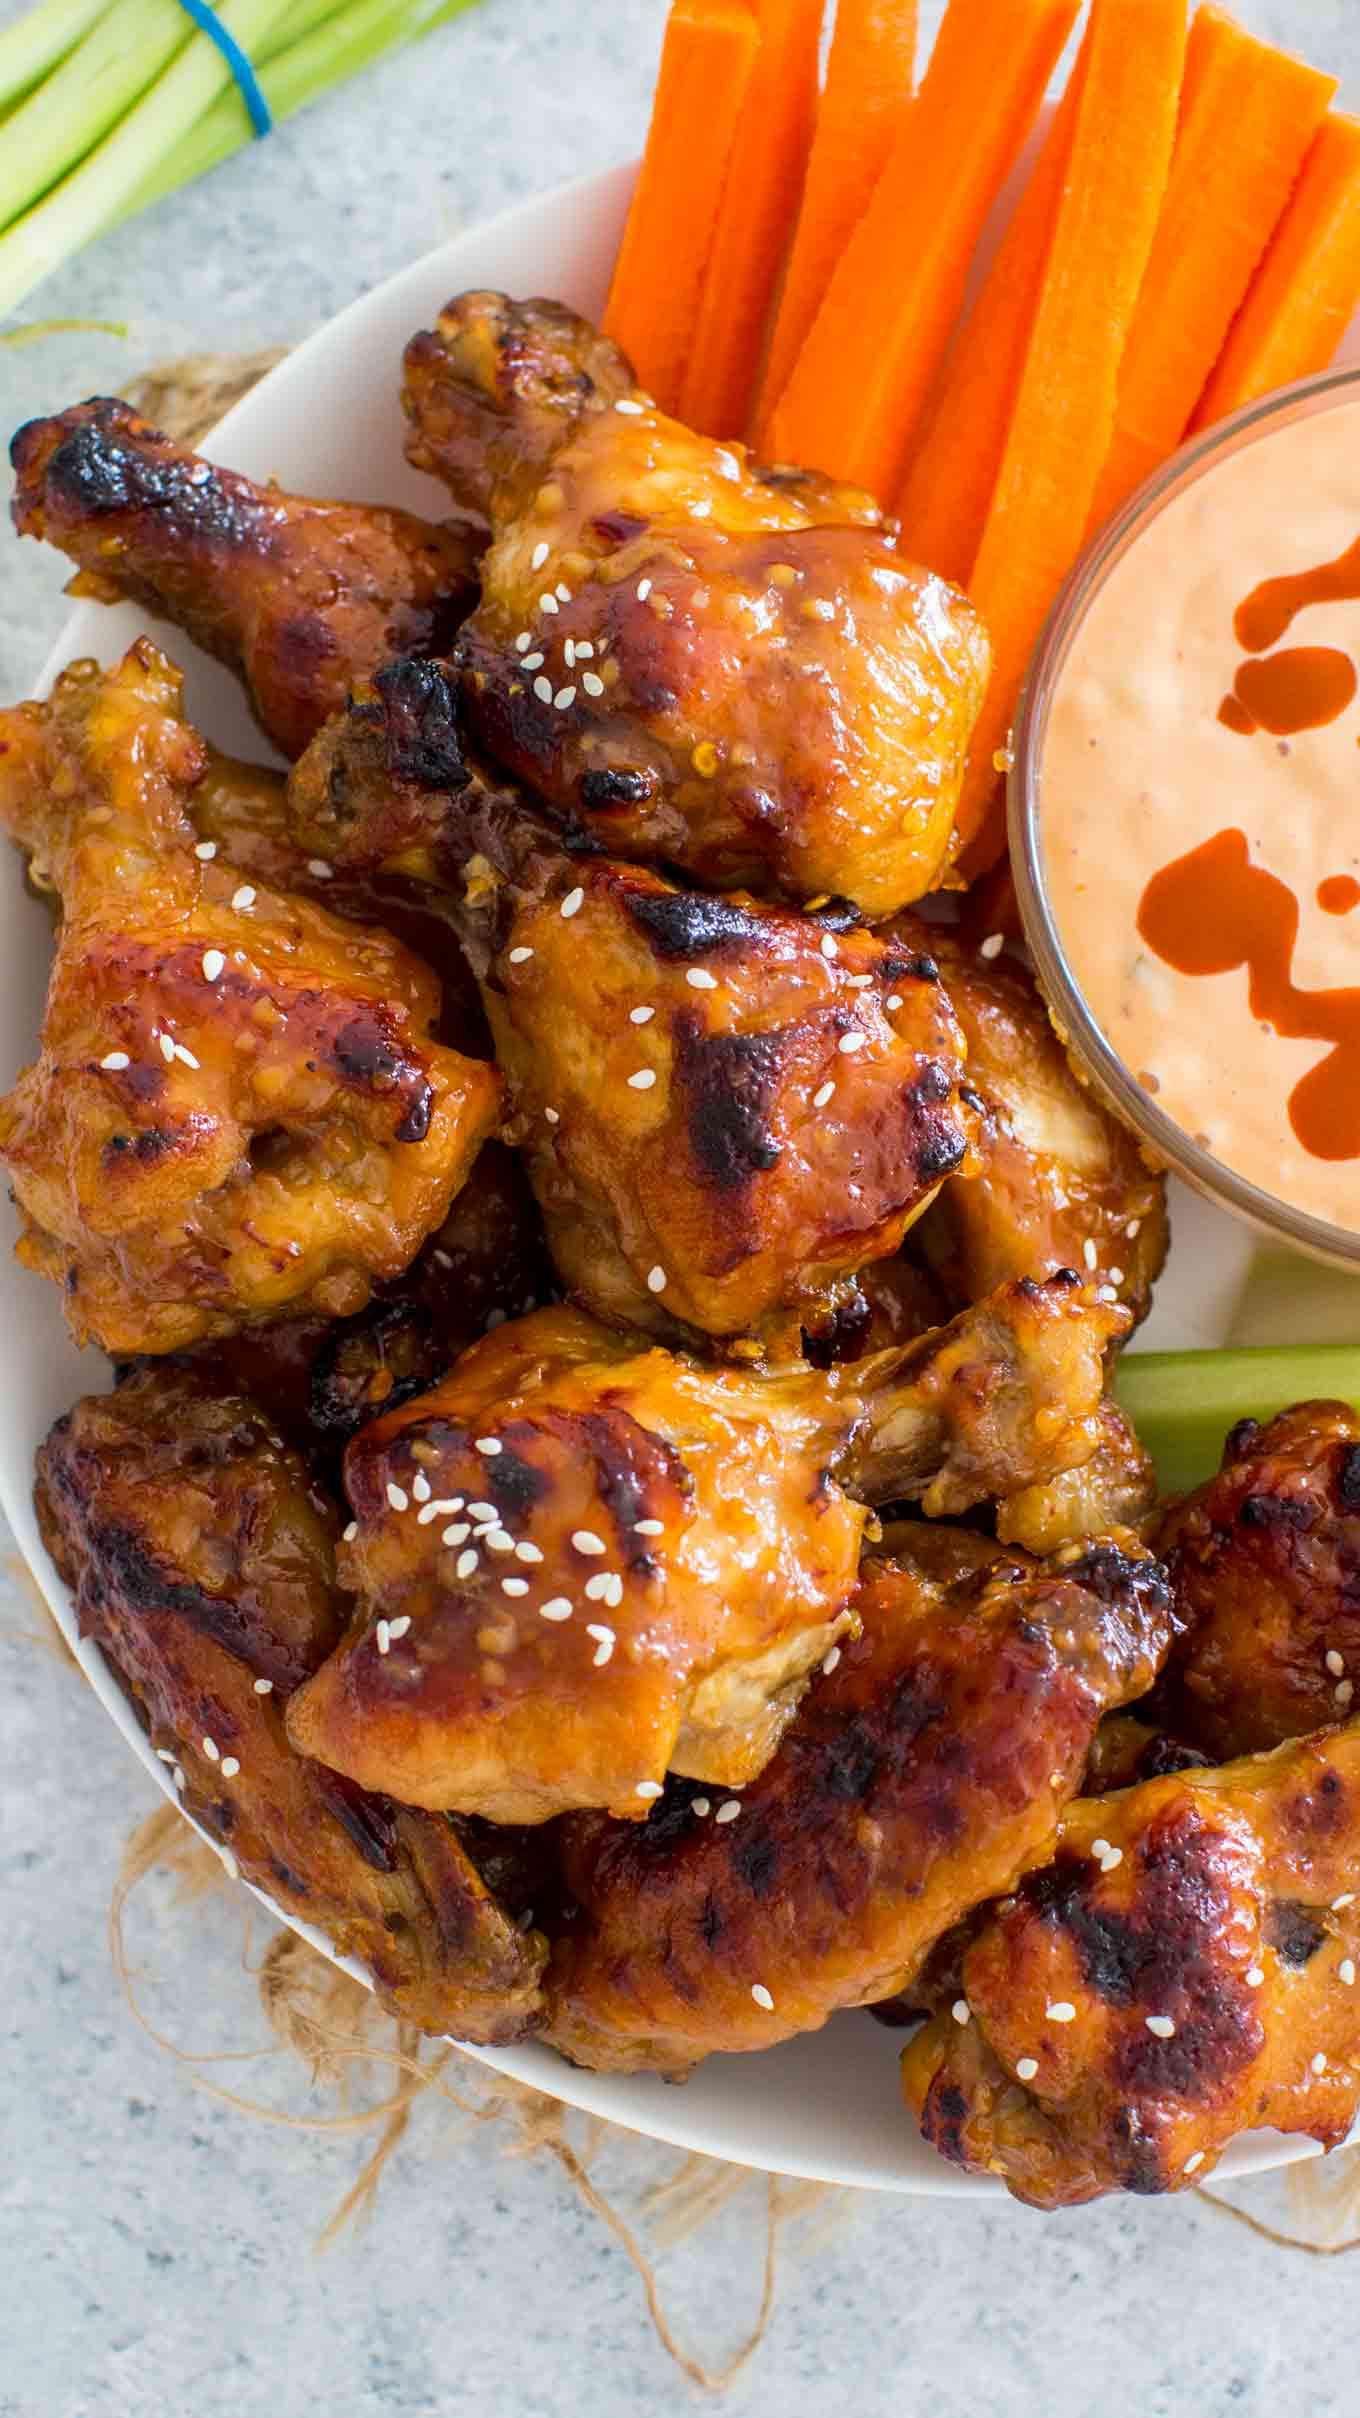 Frozen Chicken Wings Instant Pot  Best Instant Pot Chicken Wings From Fresh or Frozen Video